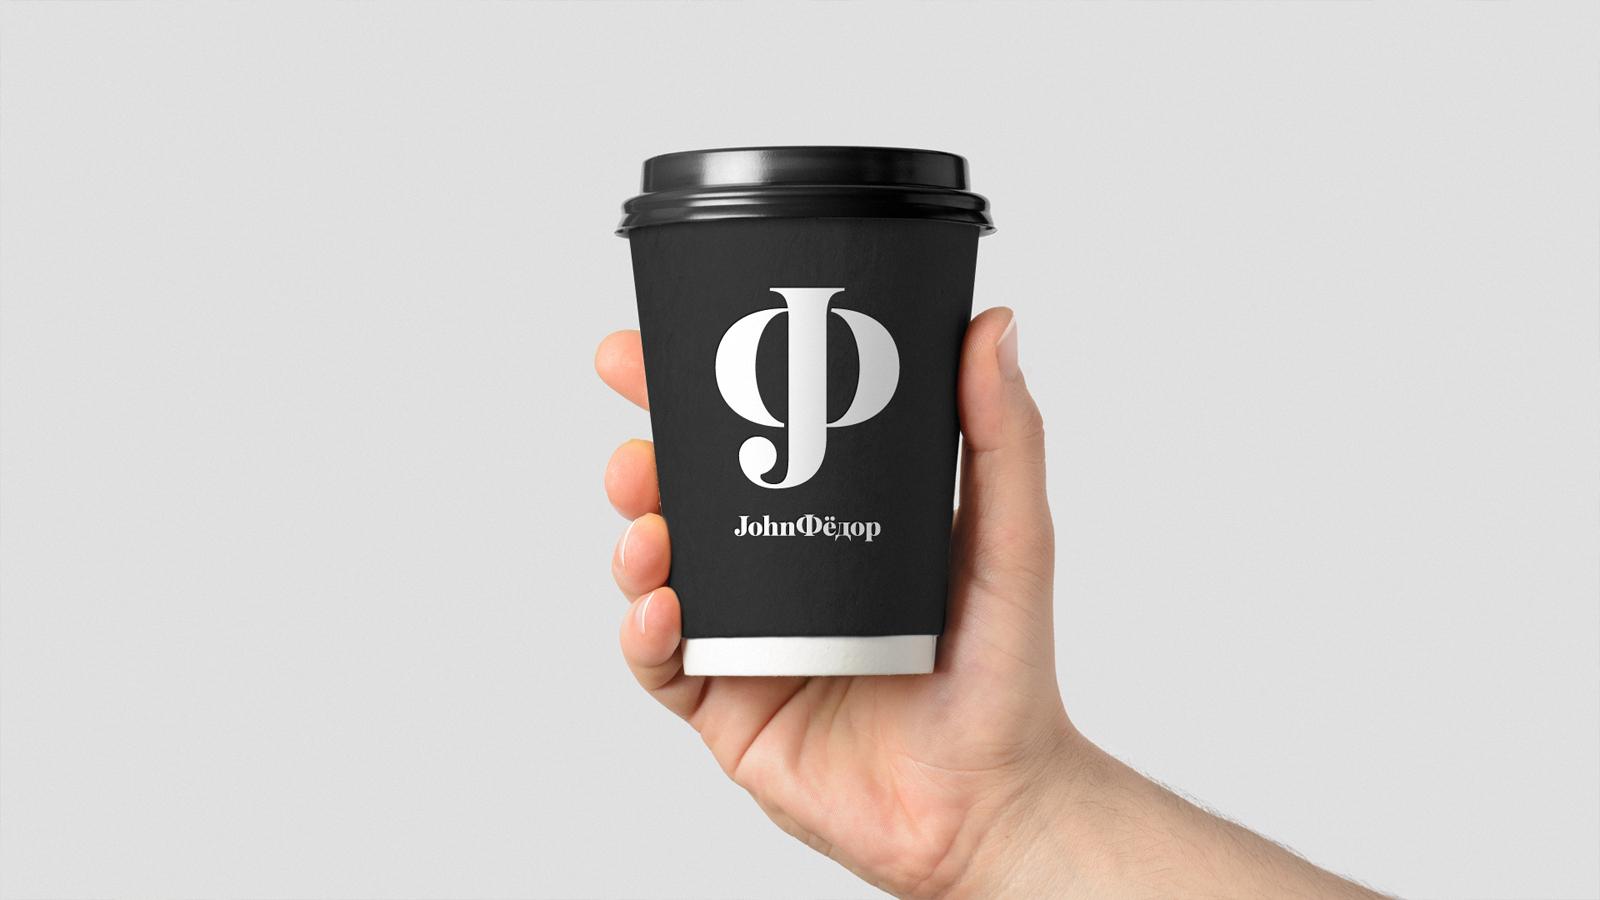 Создание бренда бургерной «JohnФёдор»: разработка позиционирования, дизайн логотипа, фирменный стиль, разработка брендбука.